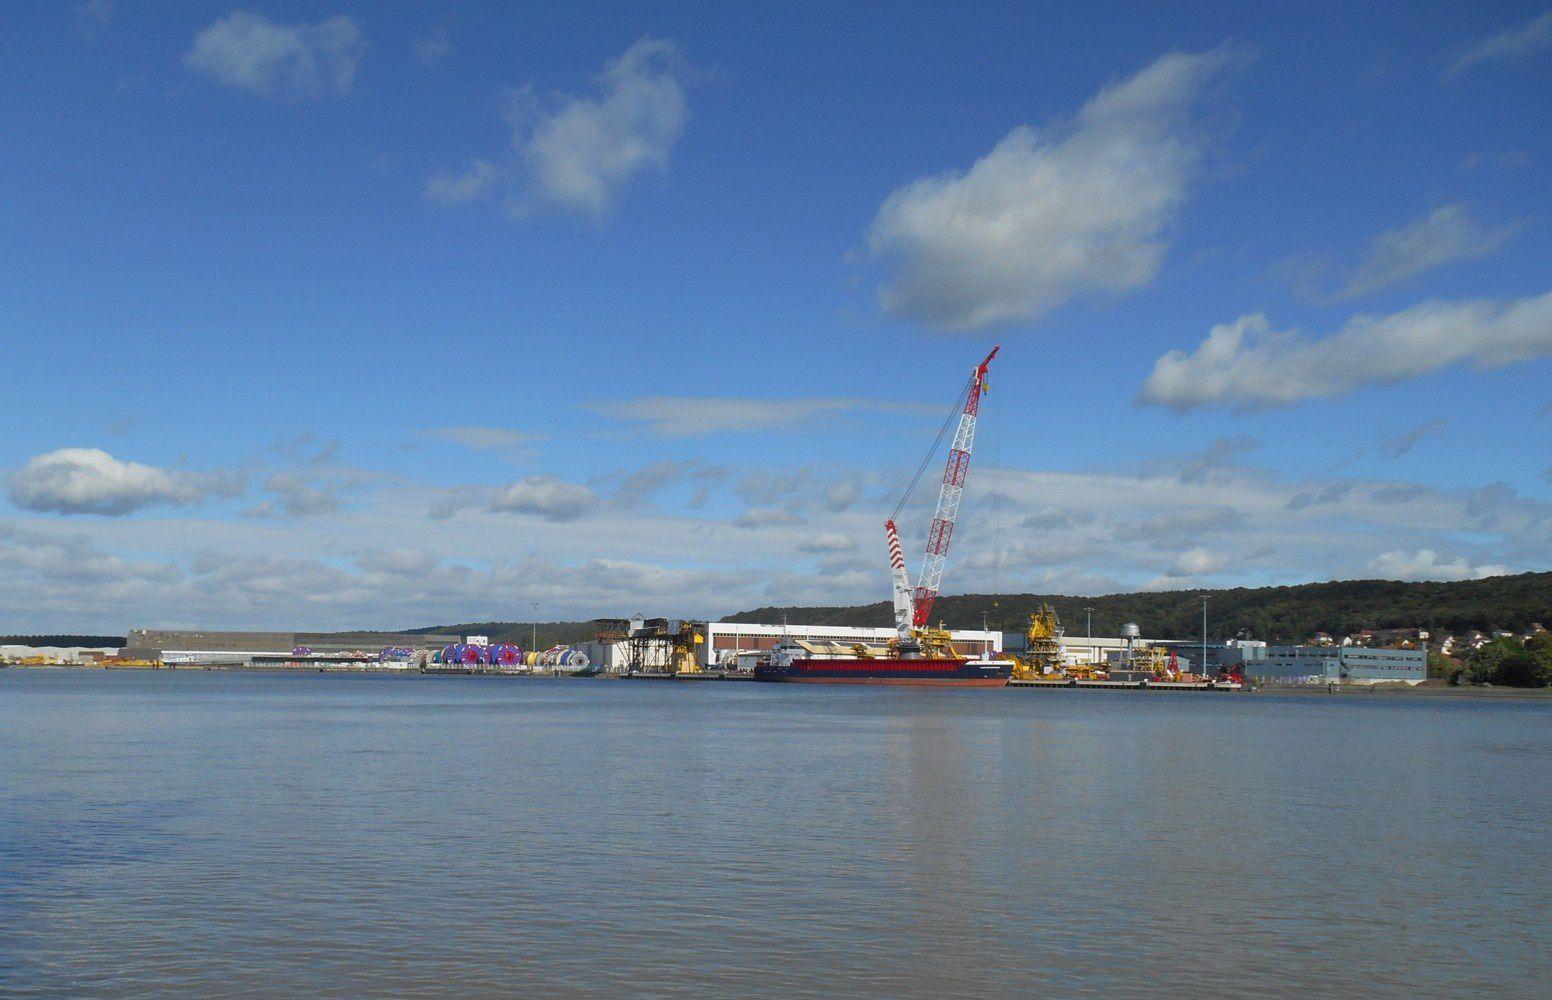 à l'emplacement des chantiers navals du Trait